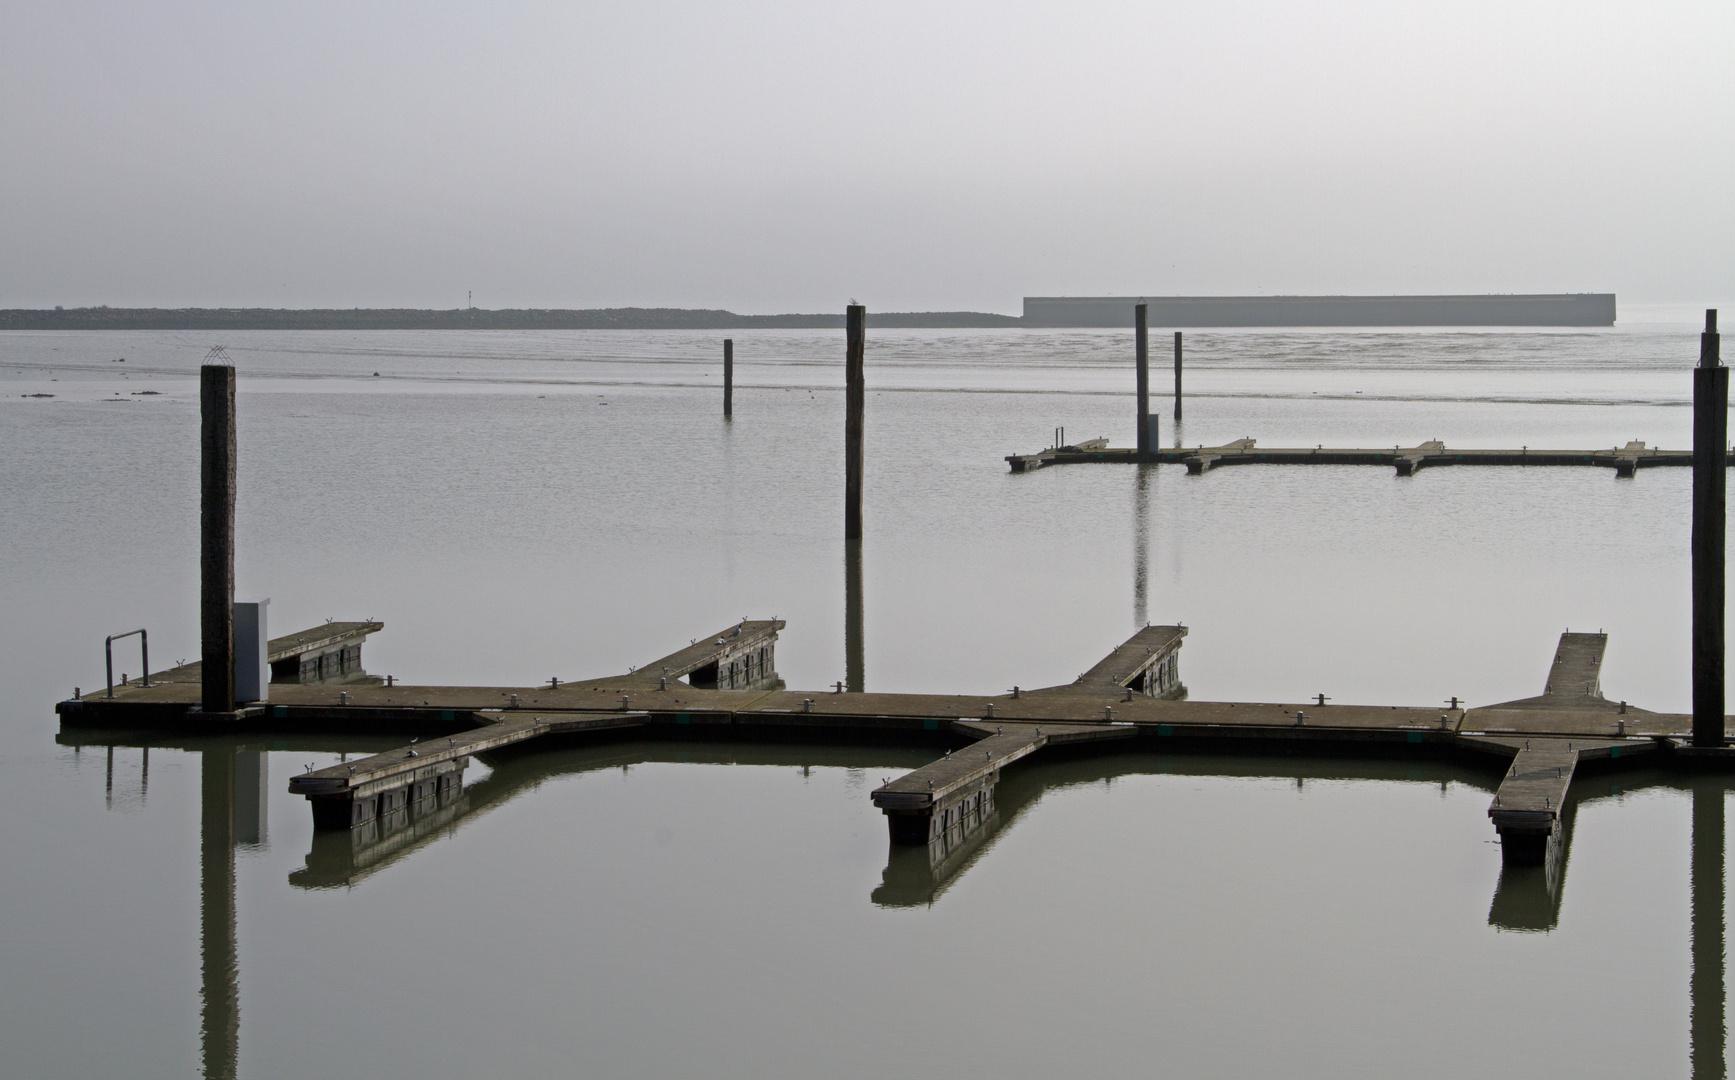 Winterruhe im Hafen von Langeoog